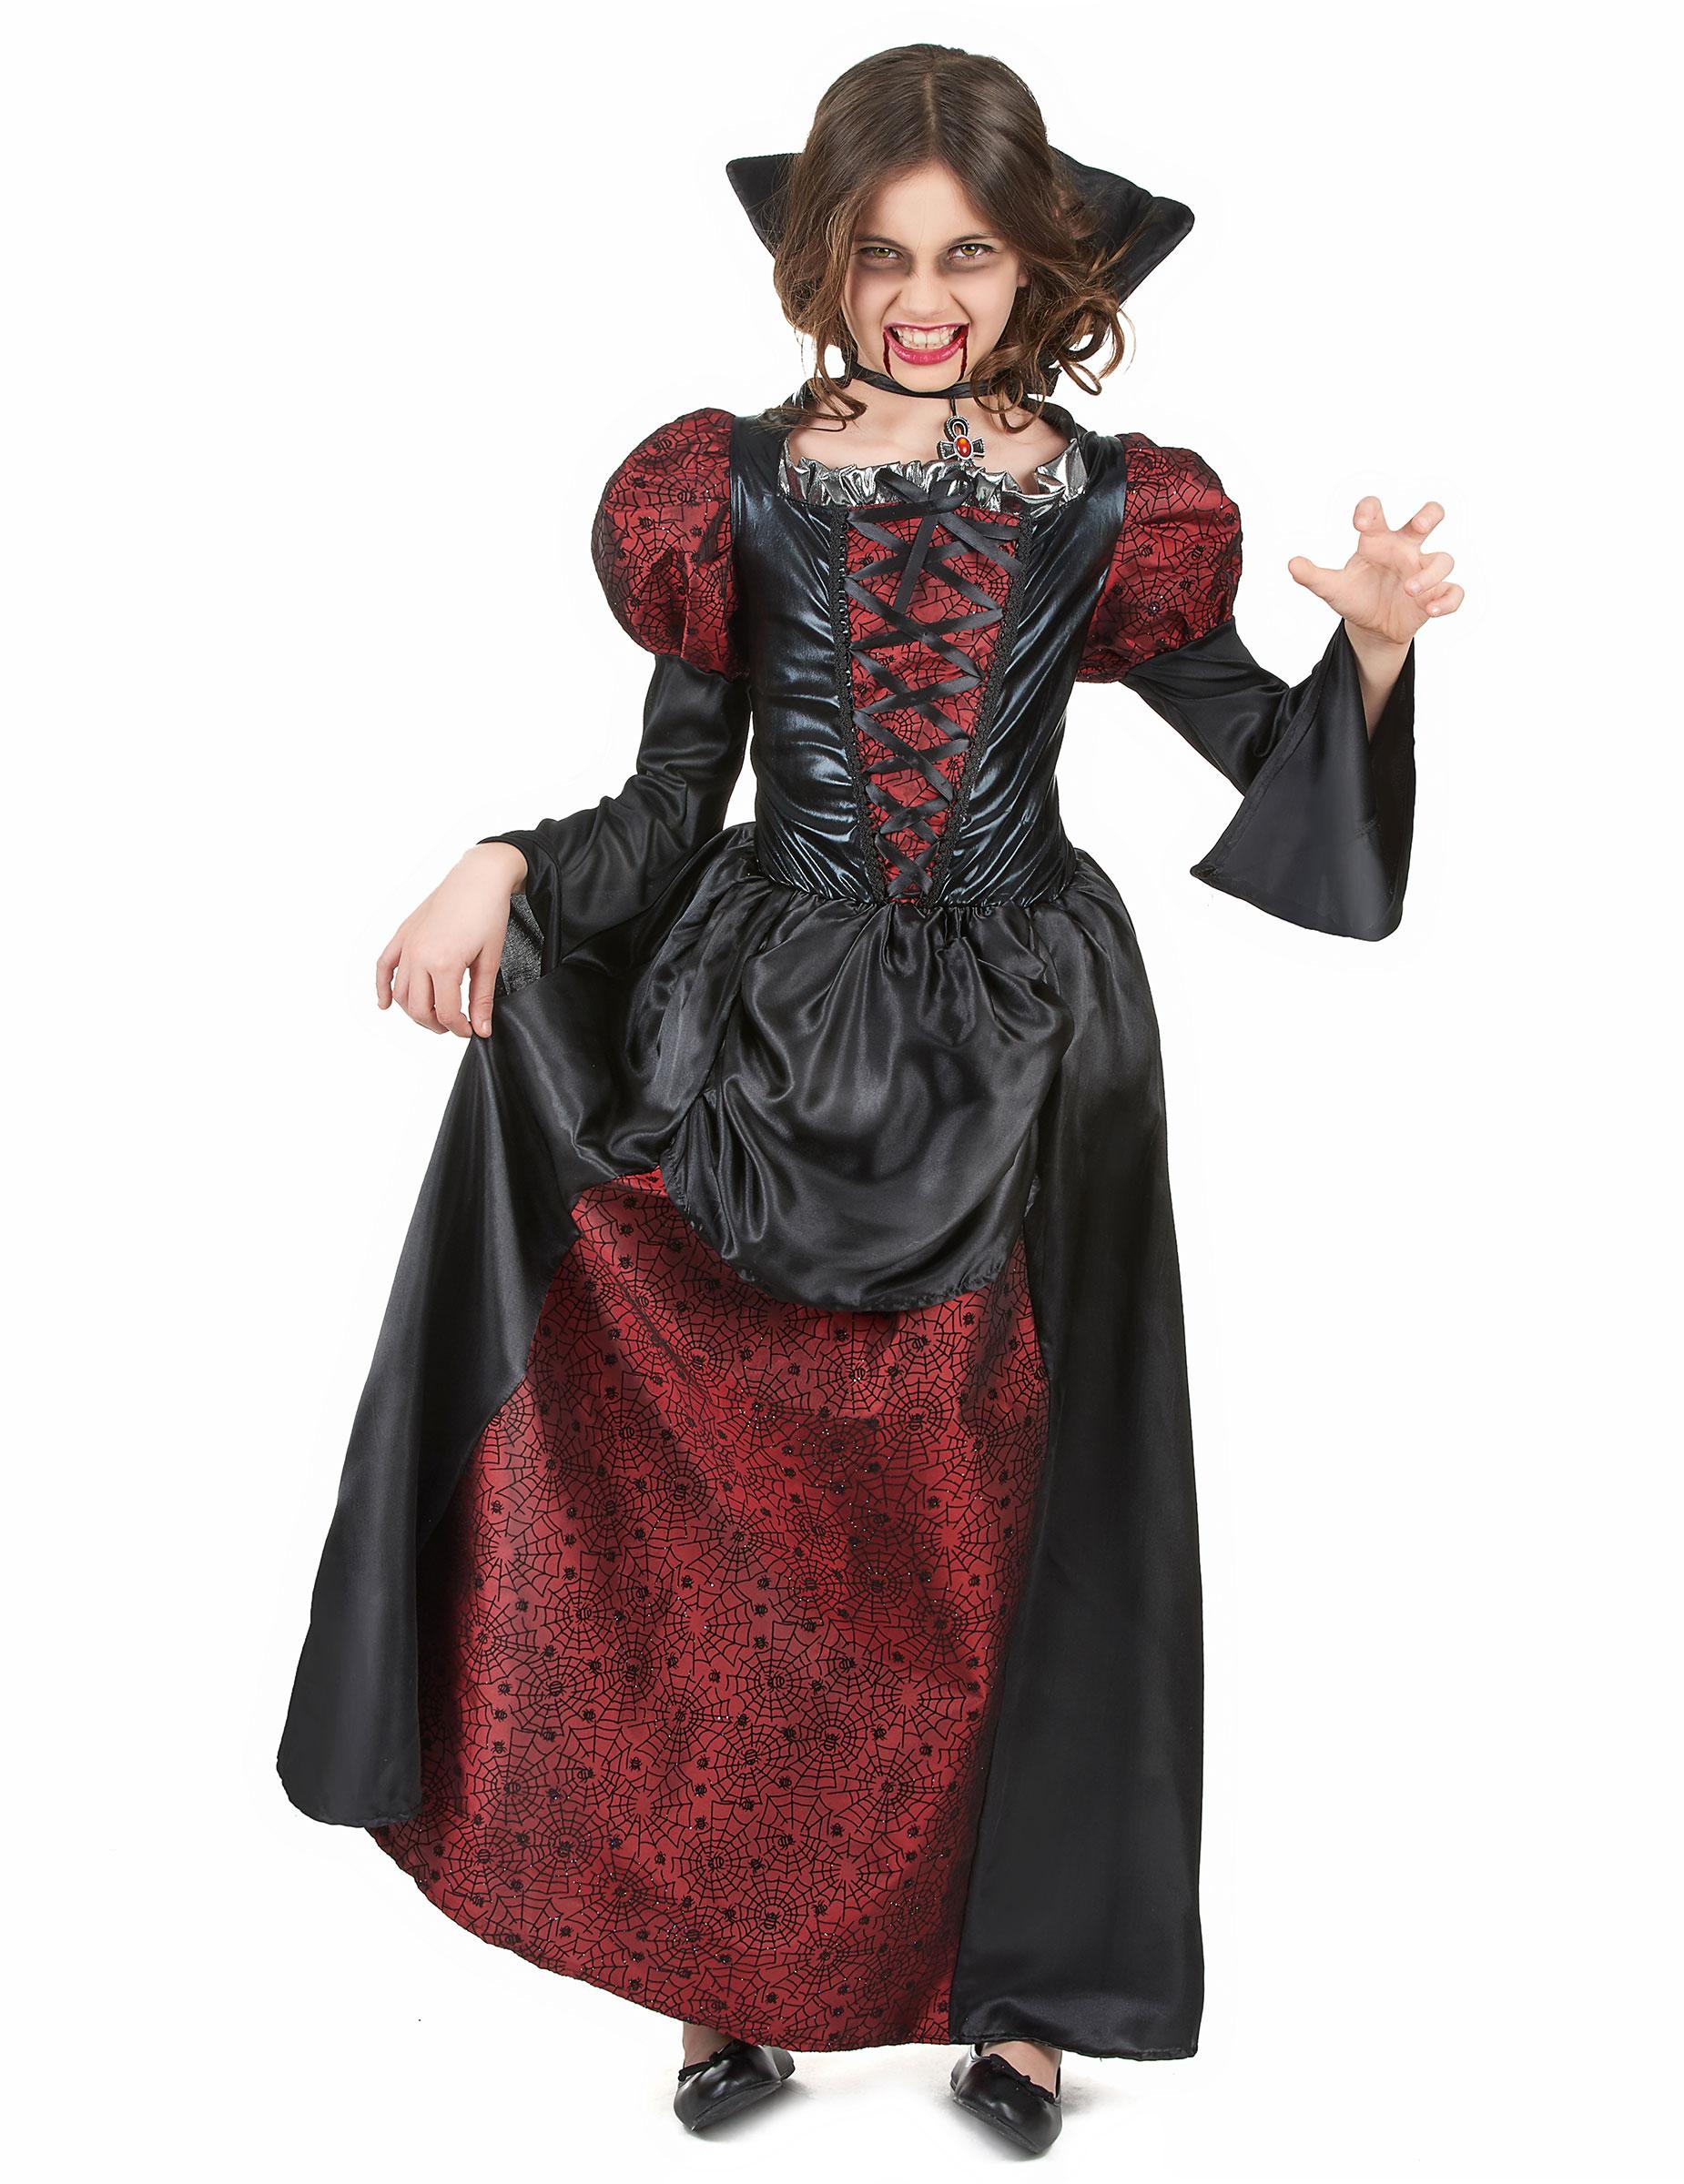 Stylish vampire costume for girls